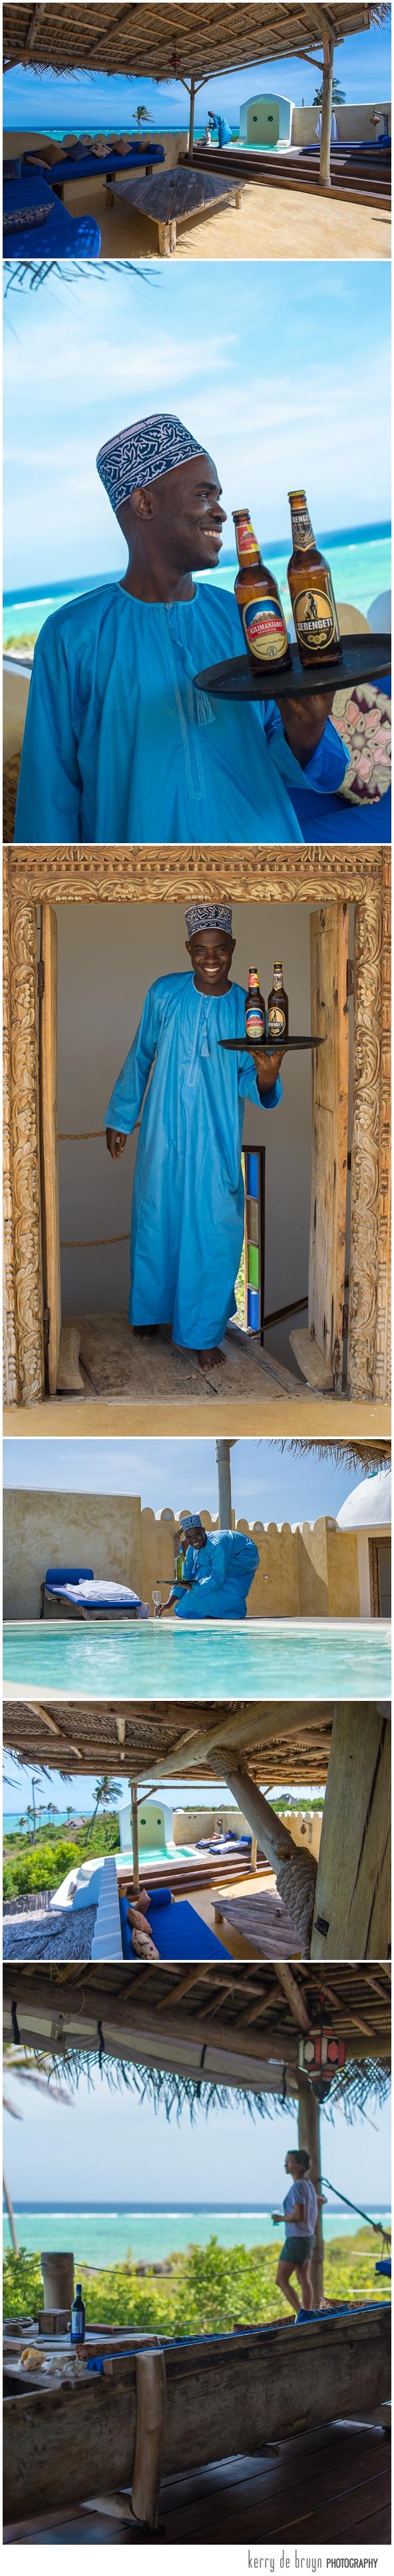 Hotel photography Tanzania